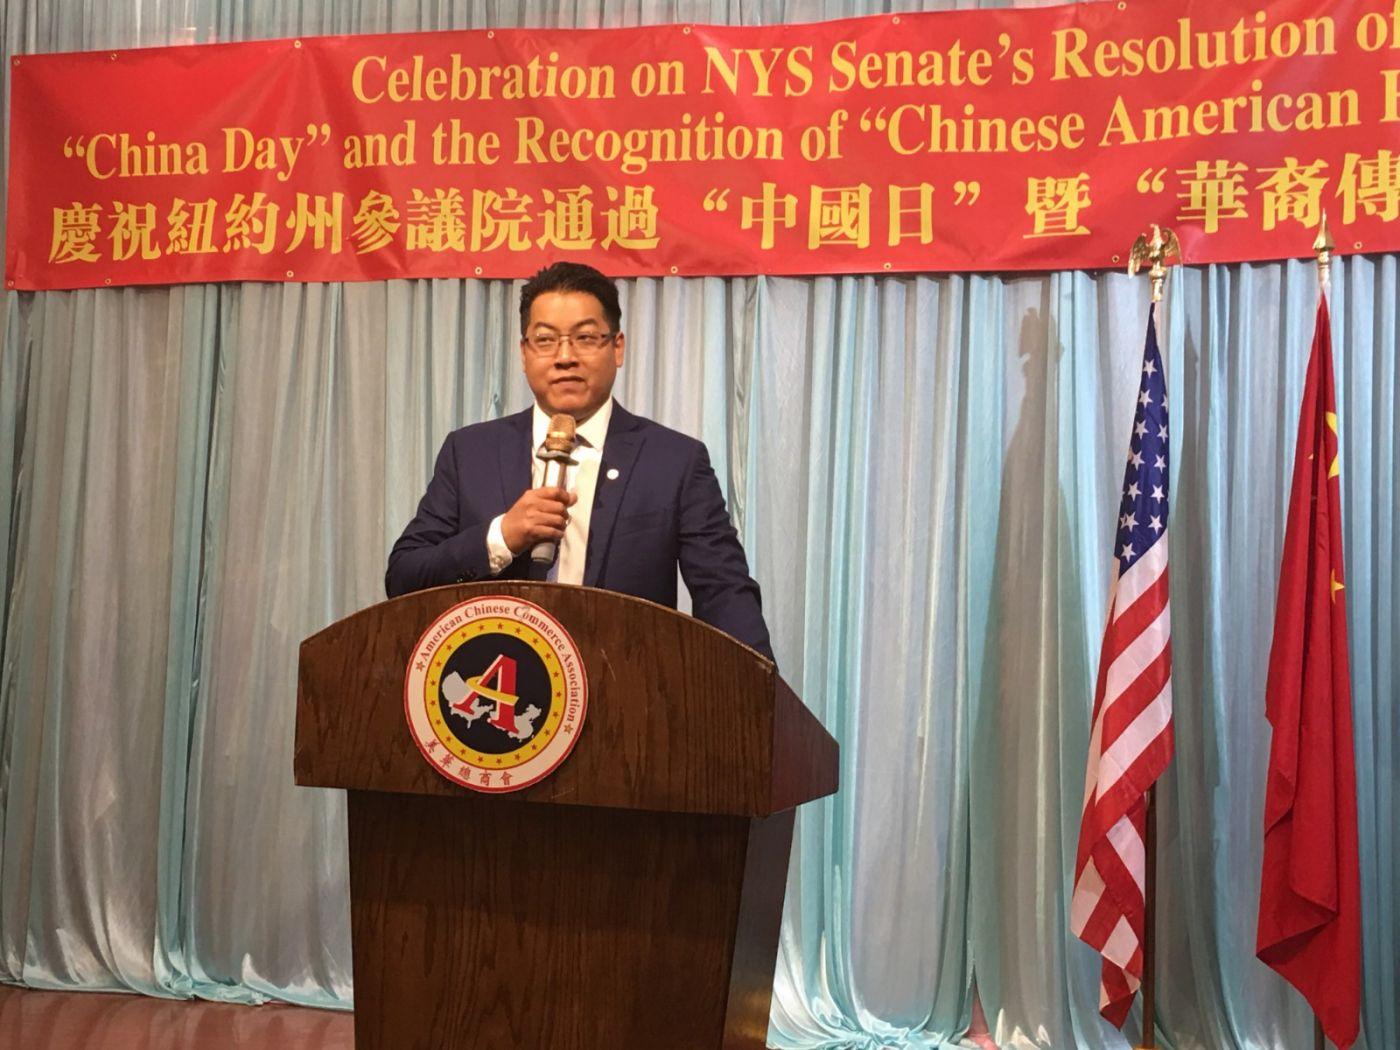 紐約州參議院通過「中國日」決議案慶祝会在紐約舉行_图1-23